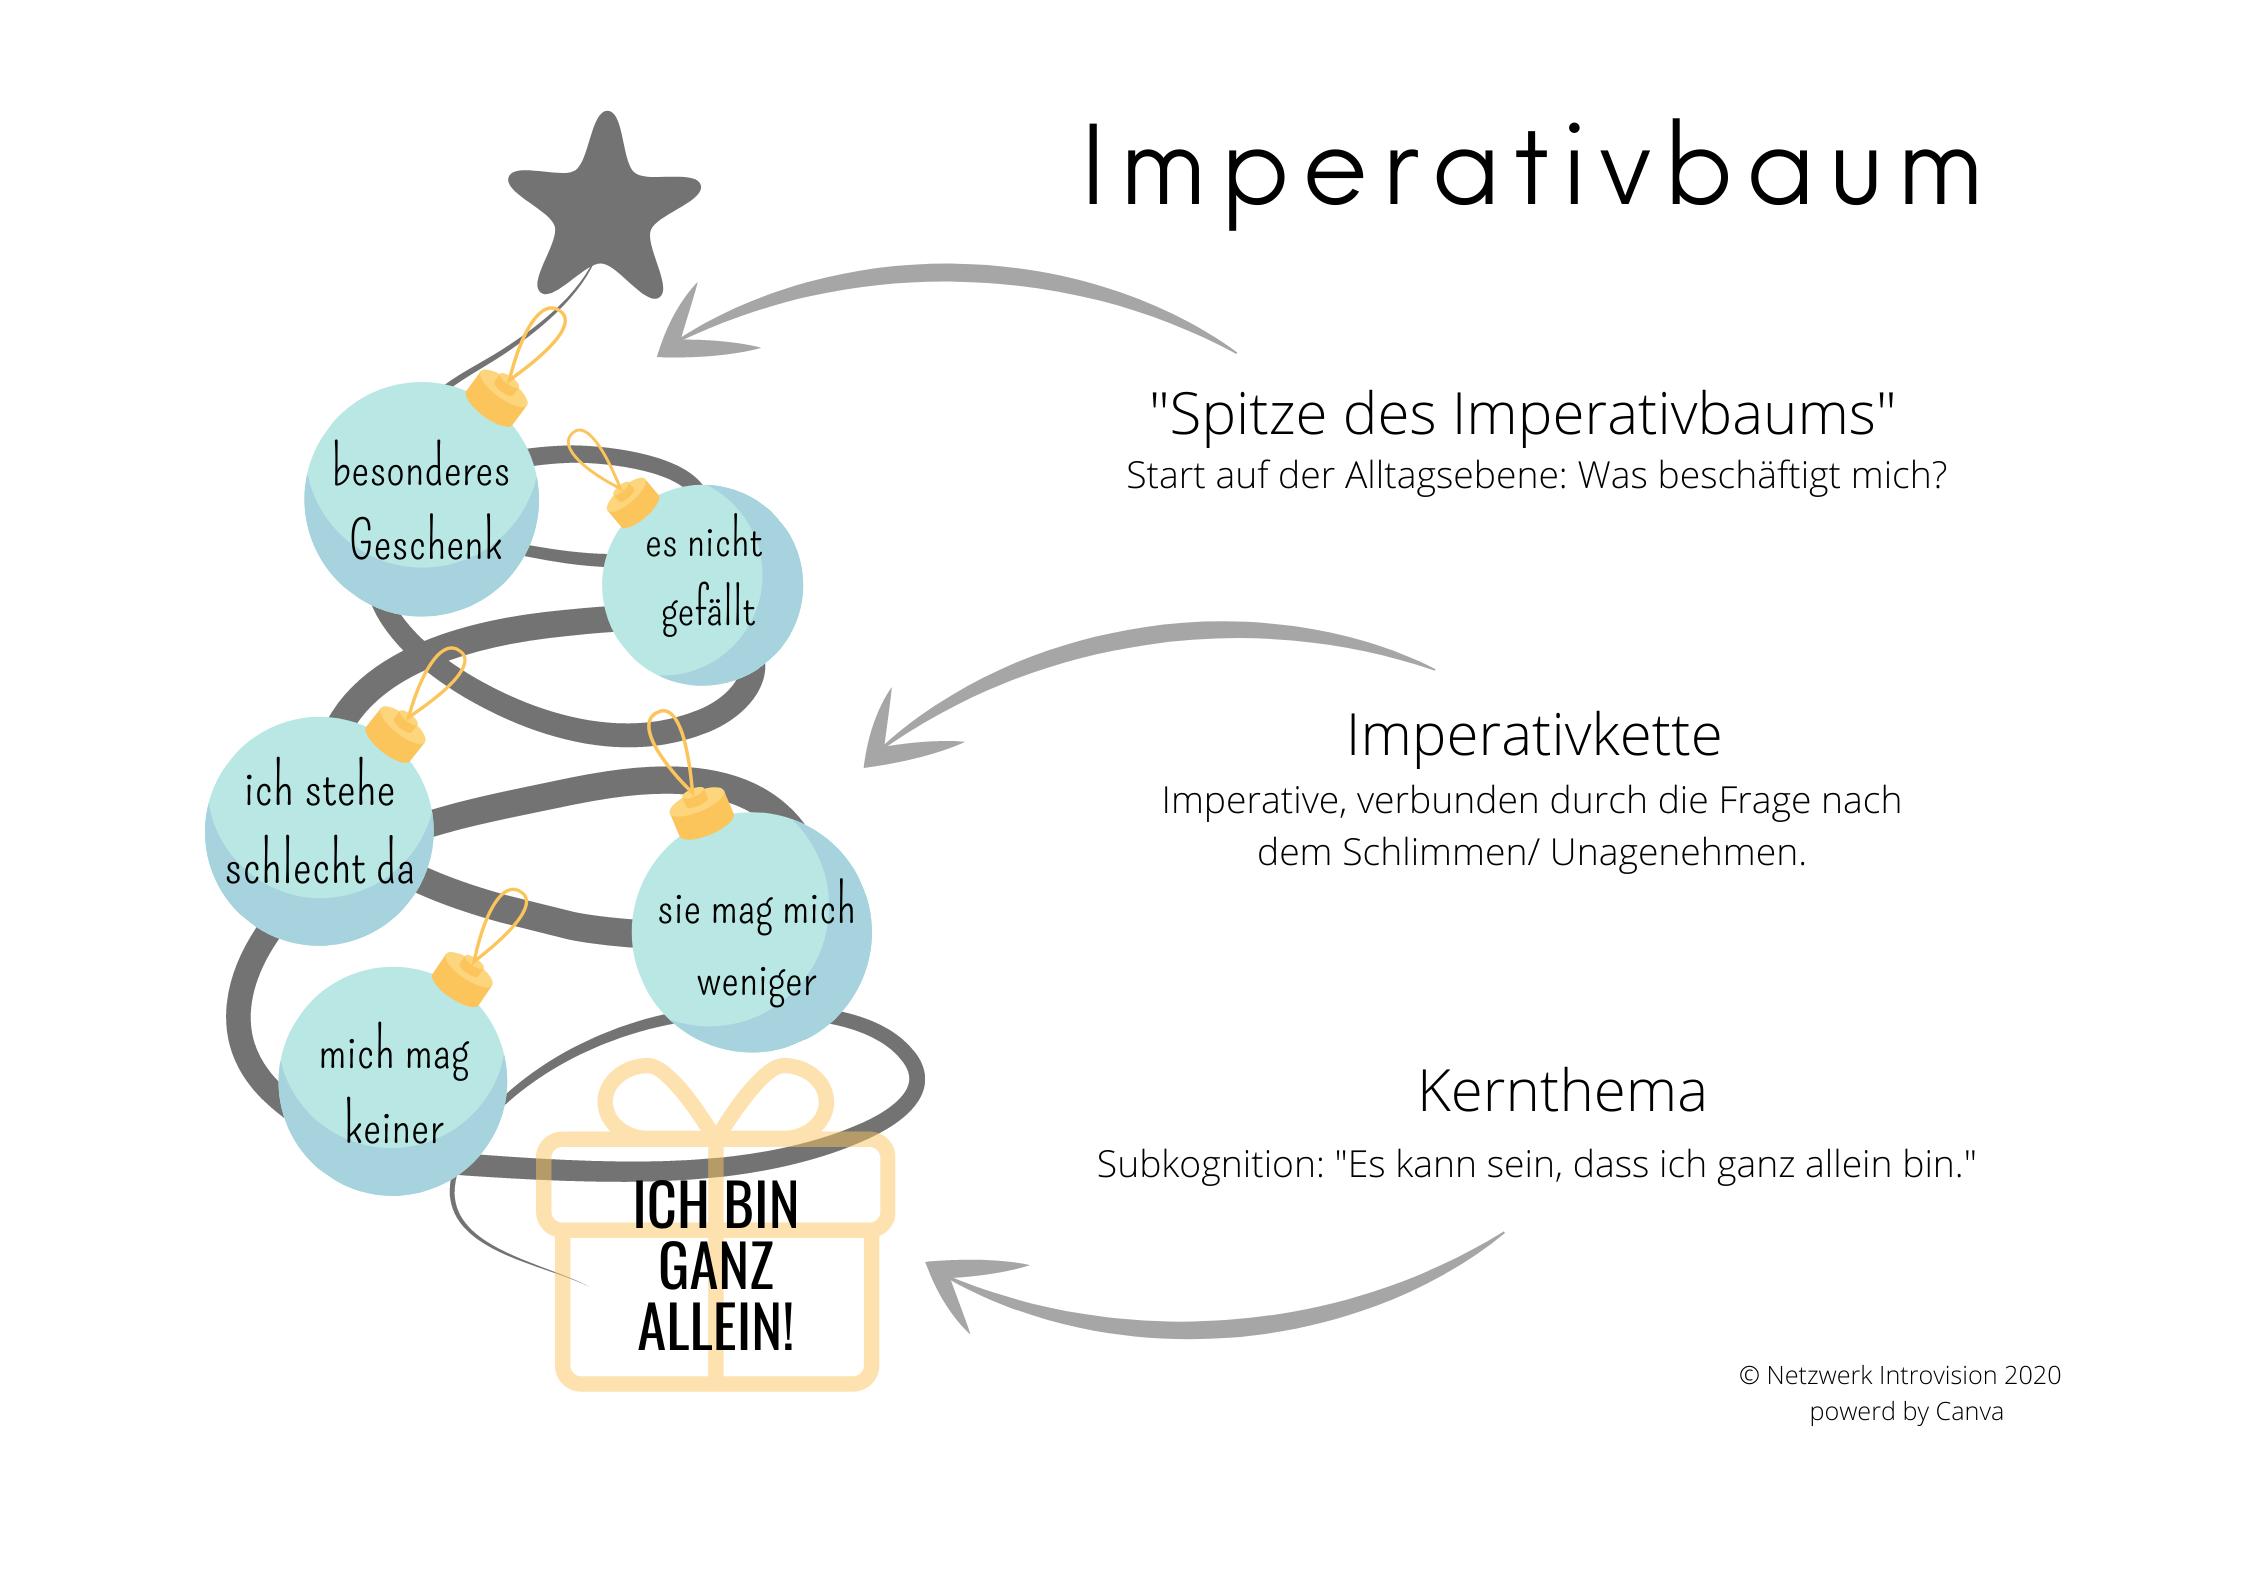 Imperativbaum Beispiel